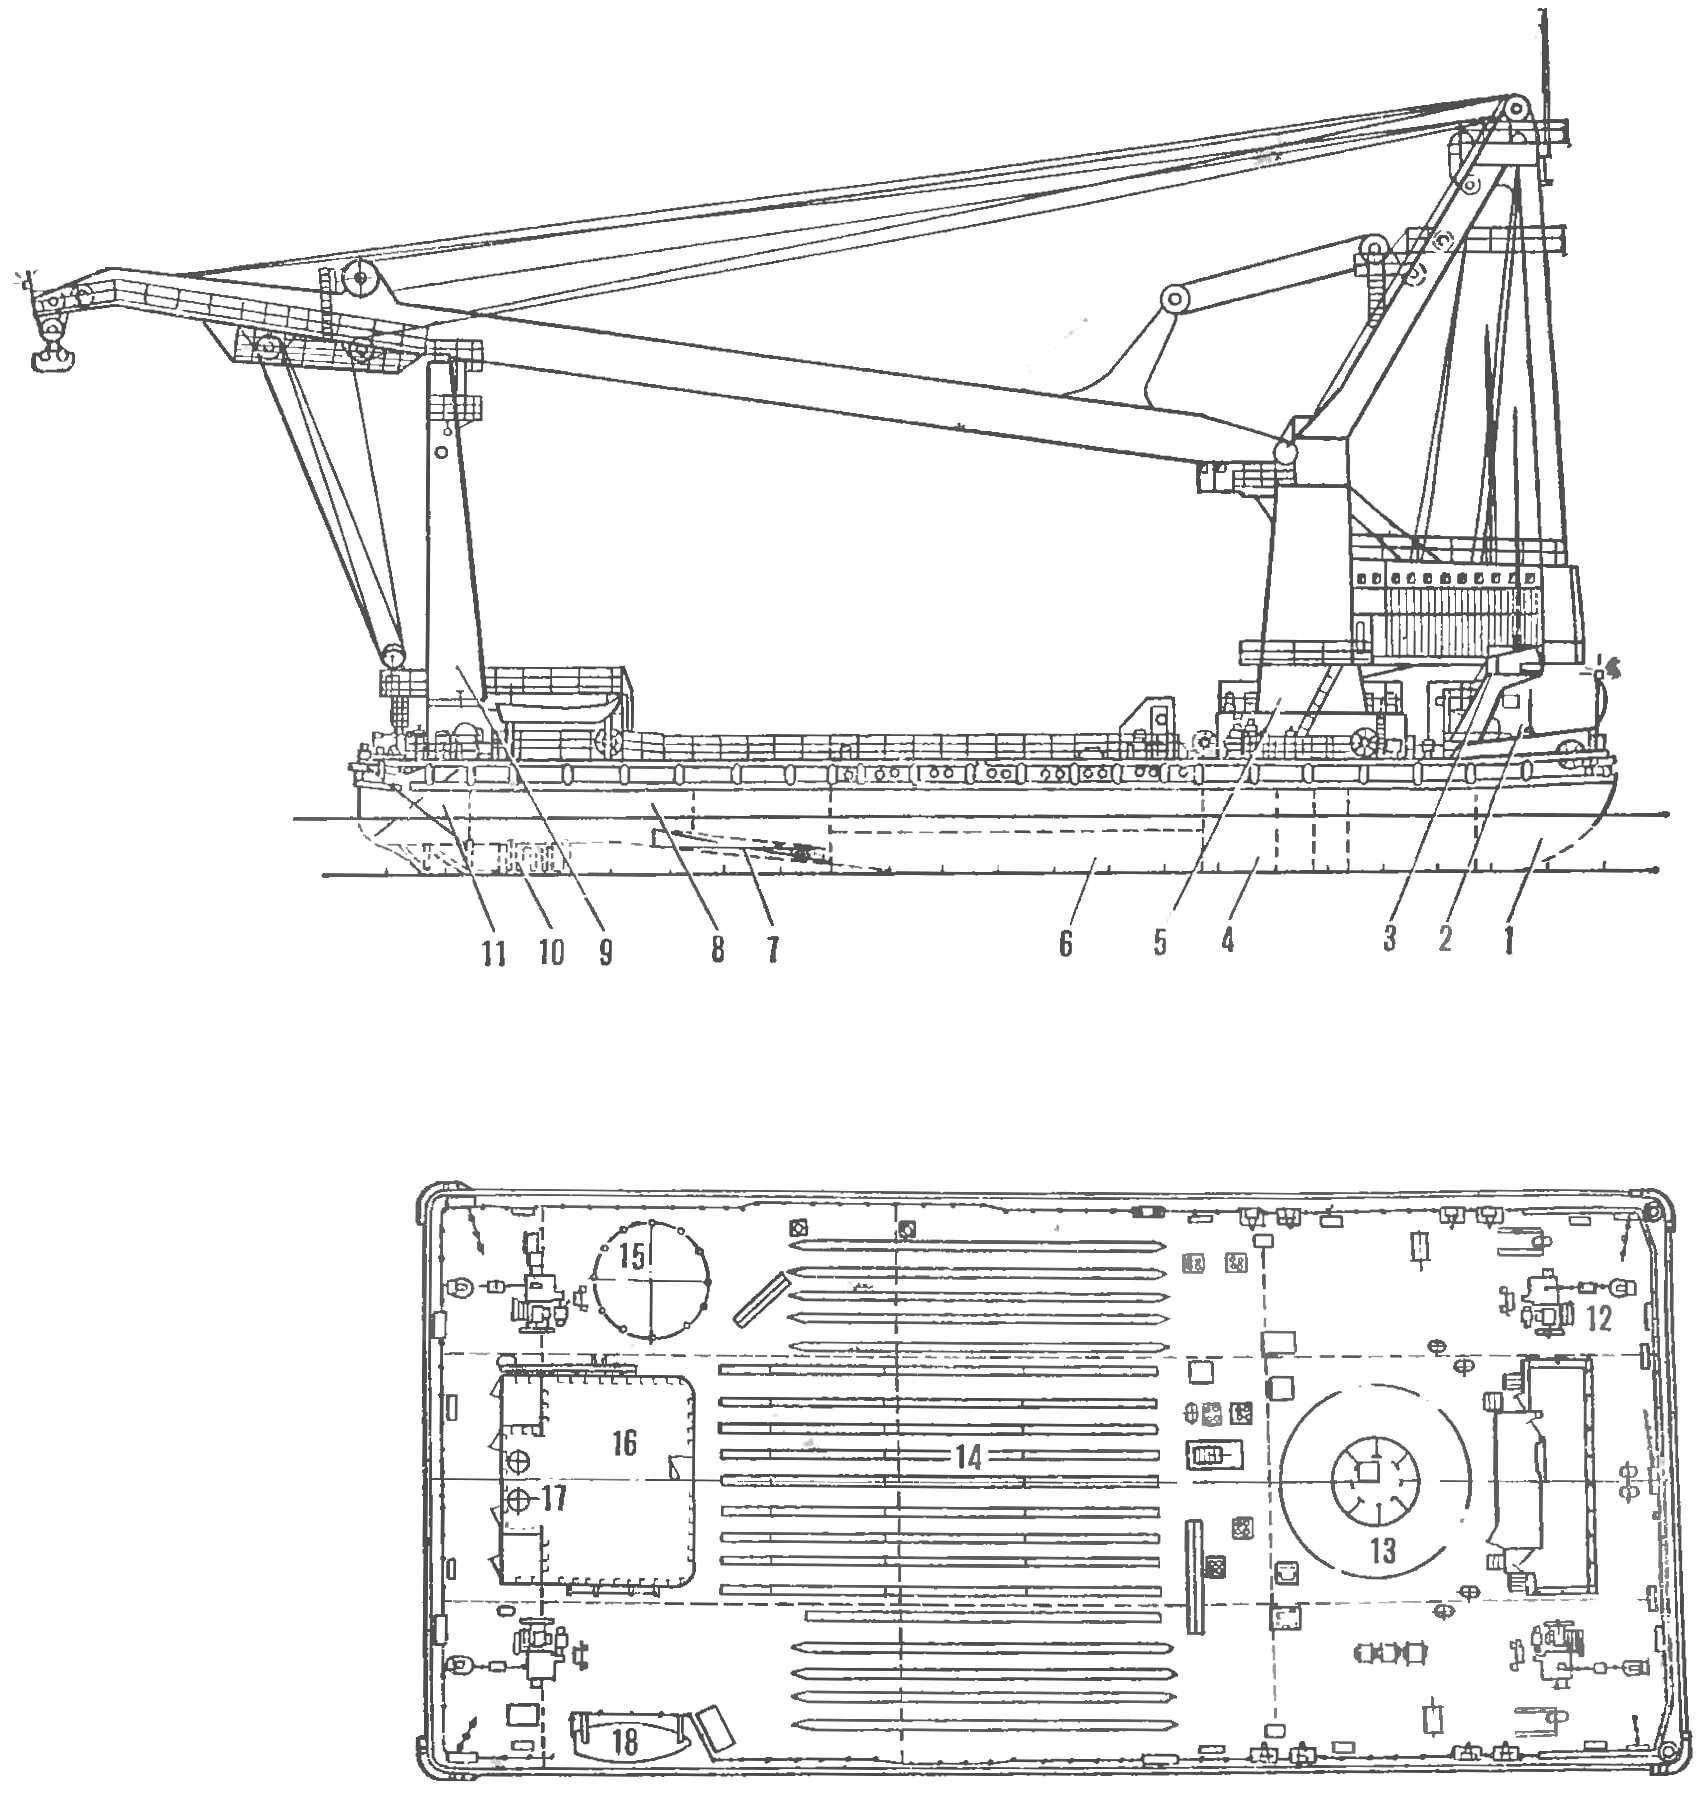 Рис. 2. Схема крана «Богатырь» (вверху — вид сбоку, внизу — план палубы)